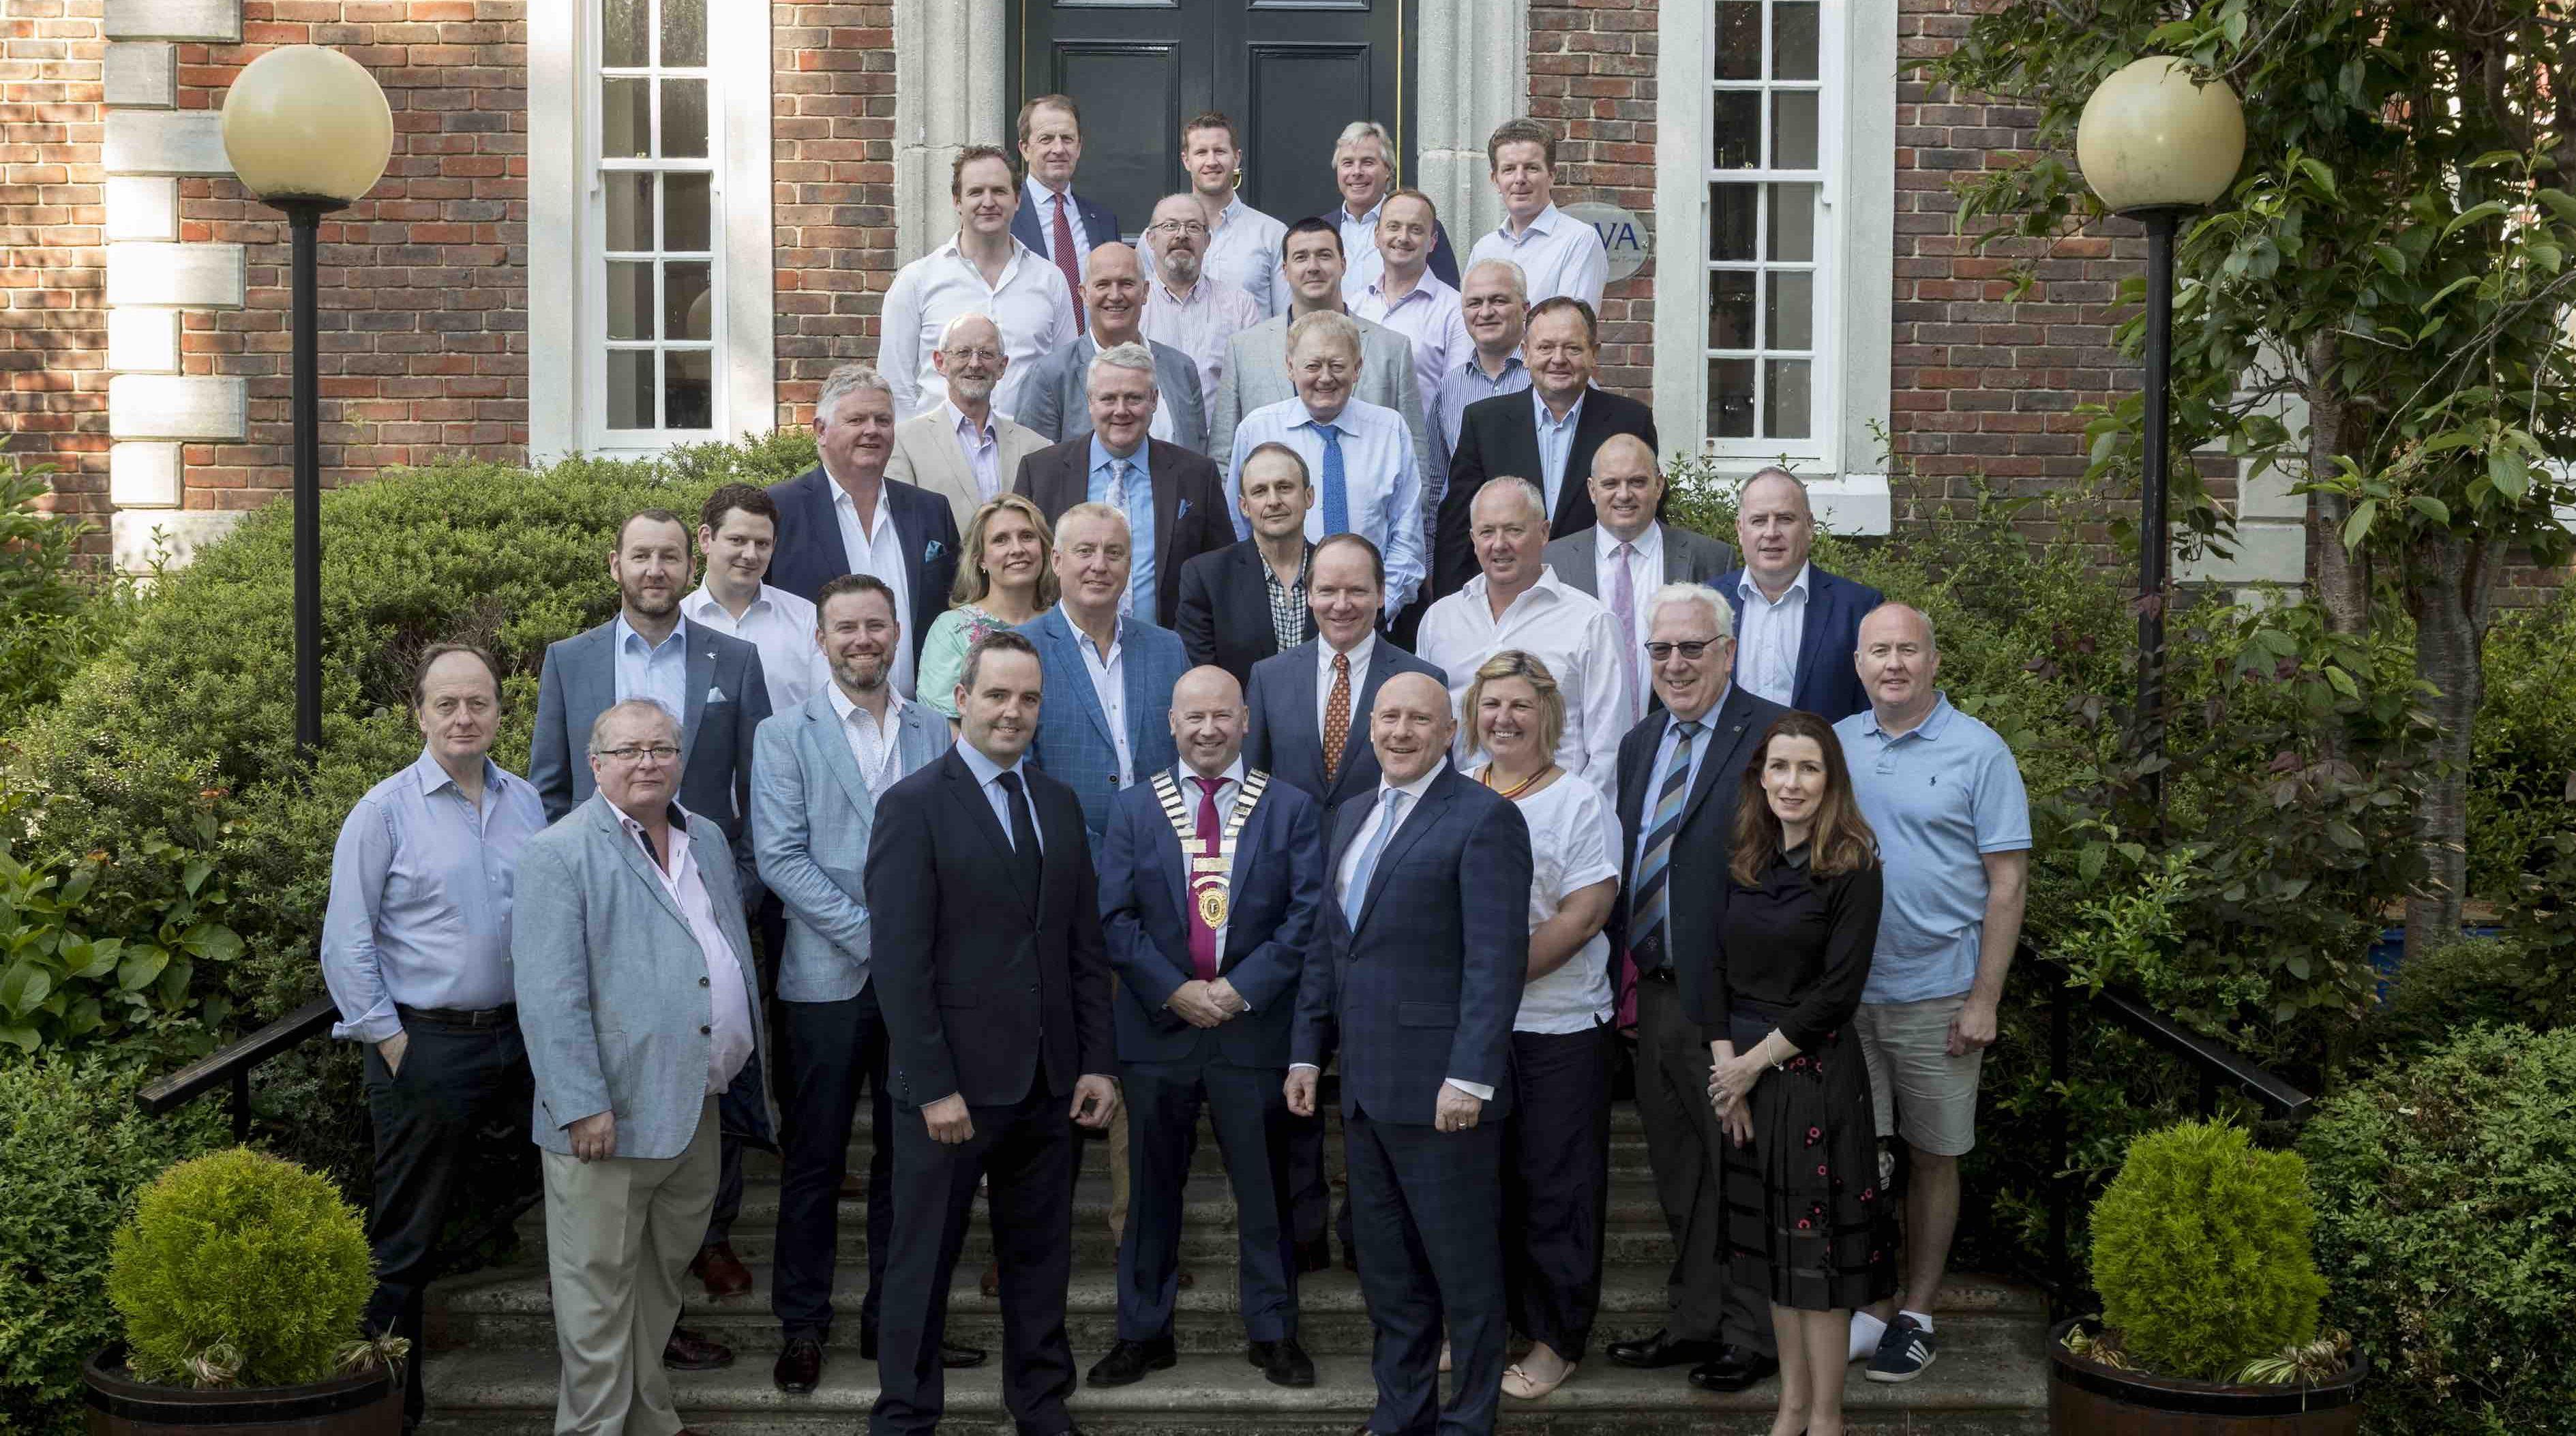 LVA Council 2018 - 2019